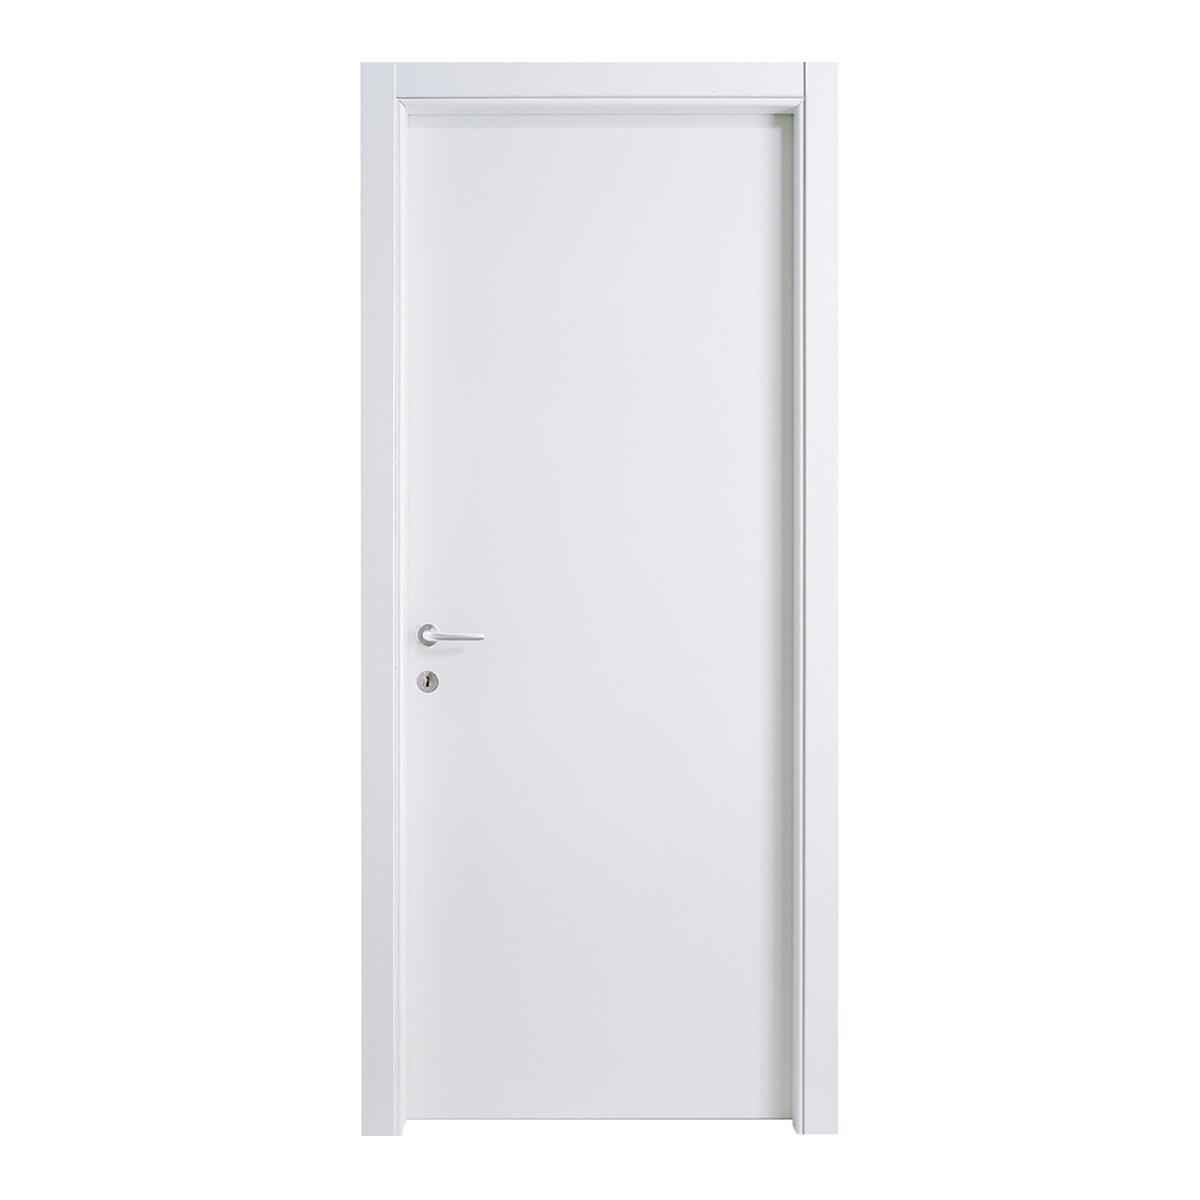 Porta a battente Vega bianco laccato L 70 x H 210 cm reversibile - 4